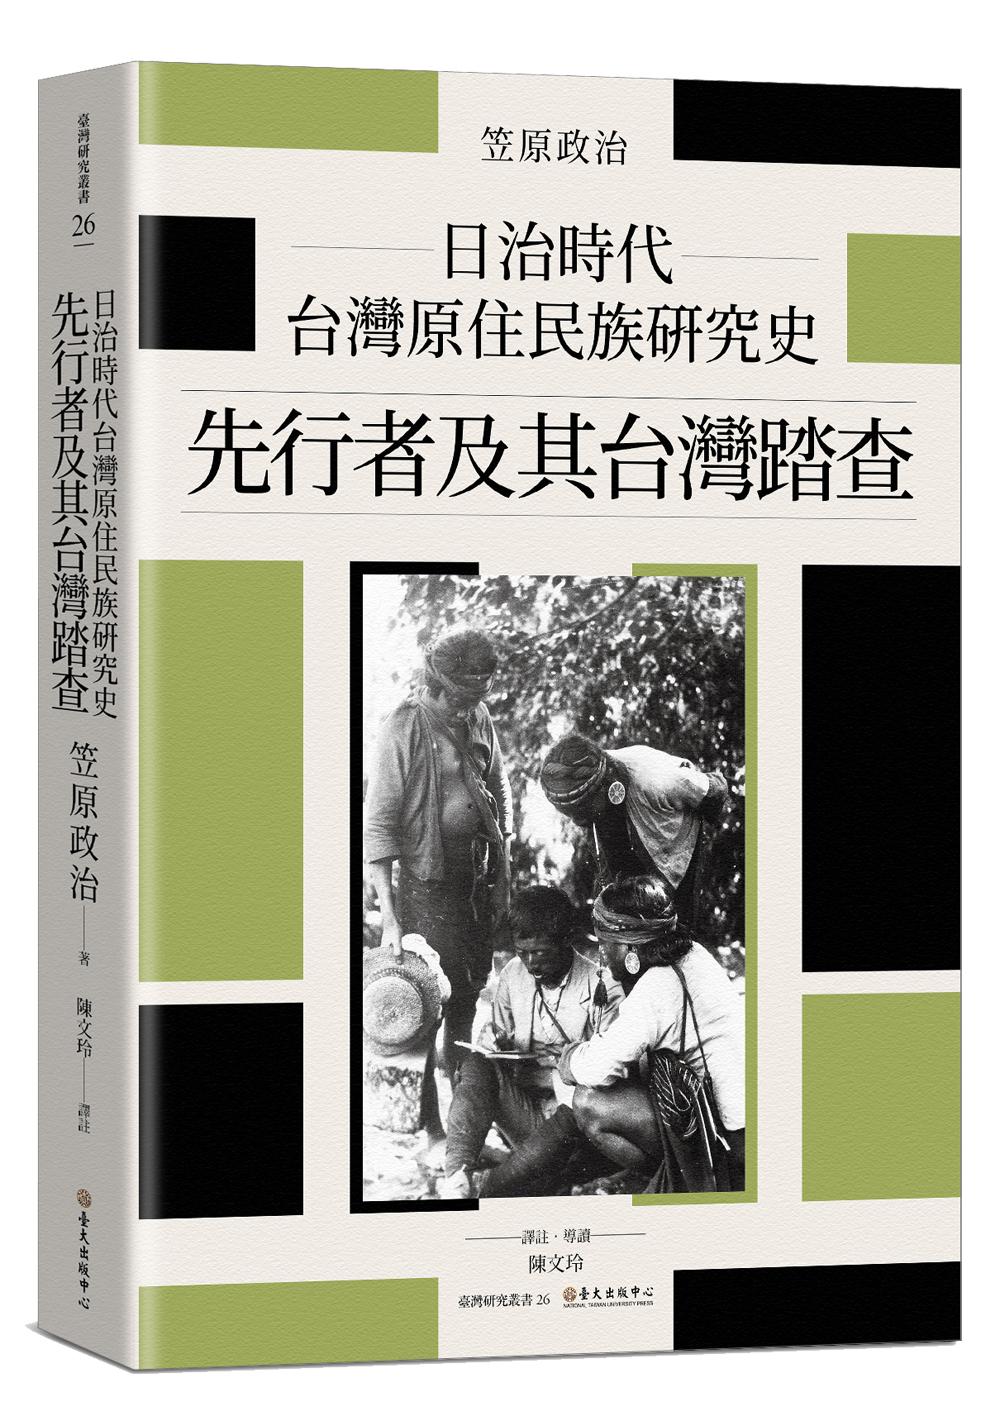 日治時代台灣原住民族研究史──先行者及其台灣踏查